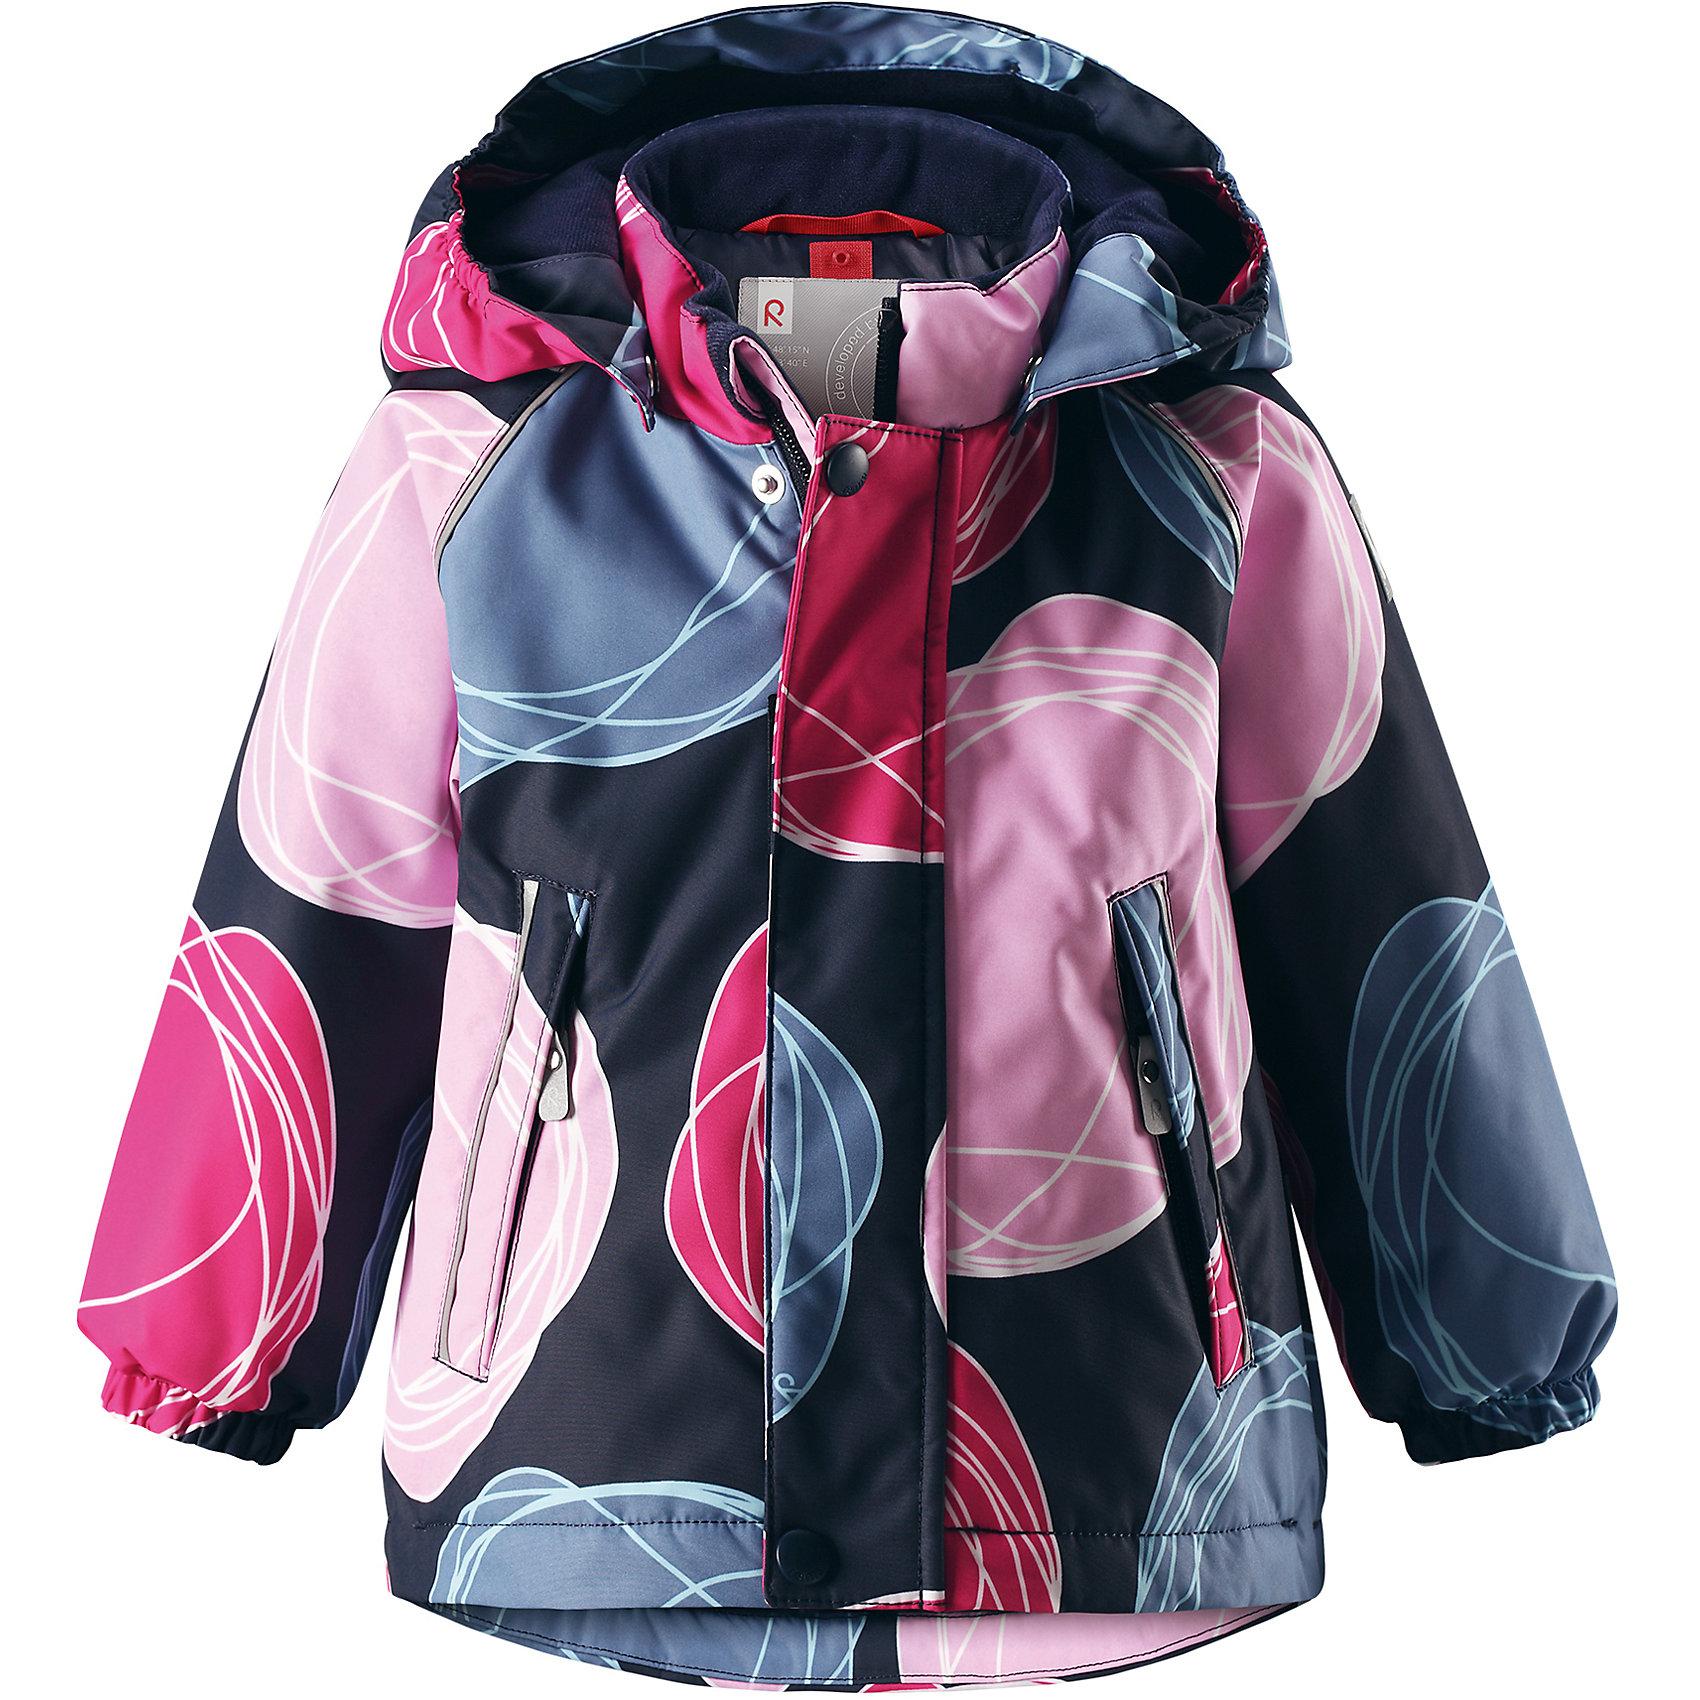 Куртка Reima Reimatec® Kuusi для девочкиВерхняя одежда<br>Характеристики товара:<br><br>• цвет: синий <br>• состав: 100% полиэстер<br>• утеплитель: 100% полиэстер, 160 г/м2 (soft loft insulation)<br>• сезон: зима<br>• температурный режим: от 0 до -20С<br>• водонепроницаемость: 15000 мм<br>• воздухопроницаемость: 7000 мм<br>• износостойкость: 40000 циклов (тест Мартиндейла)<br>• особенности модели: с рисунком, с мехом<br>• основные швы проклеены и не пропускают влагу<br>• водо- и ветронепроницаемый, дышащий и грязеотталкивающий материал<br>• гладкая подкладка из полиэстера<br>• безопасный, съемный капюшон на кнопках<br>• съемный искусственный мех на капюшоне<br>• защита подбородка от защемления<br>• эластичные манжеты<br>• регулируемый подол<br>• застежка: молния<br>• дополнительная планка на кнопках<br>• два кармана на молнии<br>• светоотражающие детали<br>• страна бренда: Финляндия<br>• страна изготовитель: Китай<br><br>Зимняя куртка с капюшоном для девочки. Все швы проклеены и водонепроницаемы, а сама она изготовлена из водо и ветронепроницаемого, грязеотталкивающего материала. Гладкая подкладка и длинная застежка на молнии облегчают надевание.<br><br>Съемный капюшон защищает от ветра, к тому же он абсолютно безопасен – легко отстегнется, если вдруг за что-нибудь зацепится. Маленькие карманы на молнии надежно сохранят все сокровища. Обратите внимание: куртку можно сушить в сушильной машине. Зимняя куртка на молнии для девочки декорирована абстрактным рисунком.<br><br>Куртка Kuusi для девочки Reimatec® Reima от финского бренда Reima (Рейма) можно купить в нашем интернет-магазине.<br><br>Ширина мм: 356<br>Глубина мм: 10<br>Высота мм: 245<br>Вес г: 519<br>Цвет: розовый<br>Возраст от месяцев: 18<br>Возраст до месяцев: 24<br>Пол: Мужской<br>Возраст: Детский<br>Размер: 92,98,80,86<br>SKU: 6908245